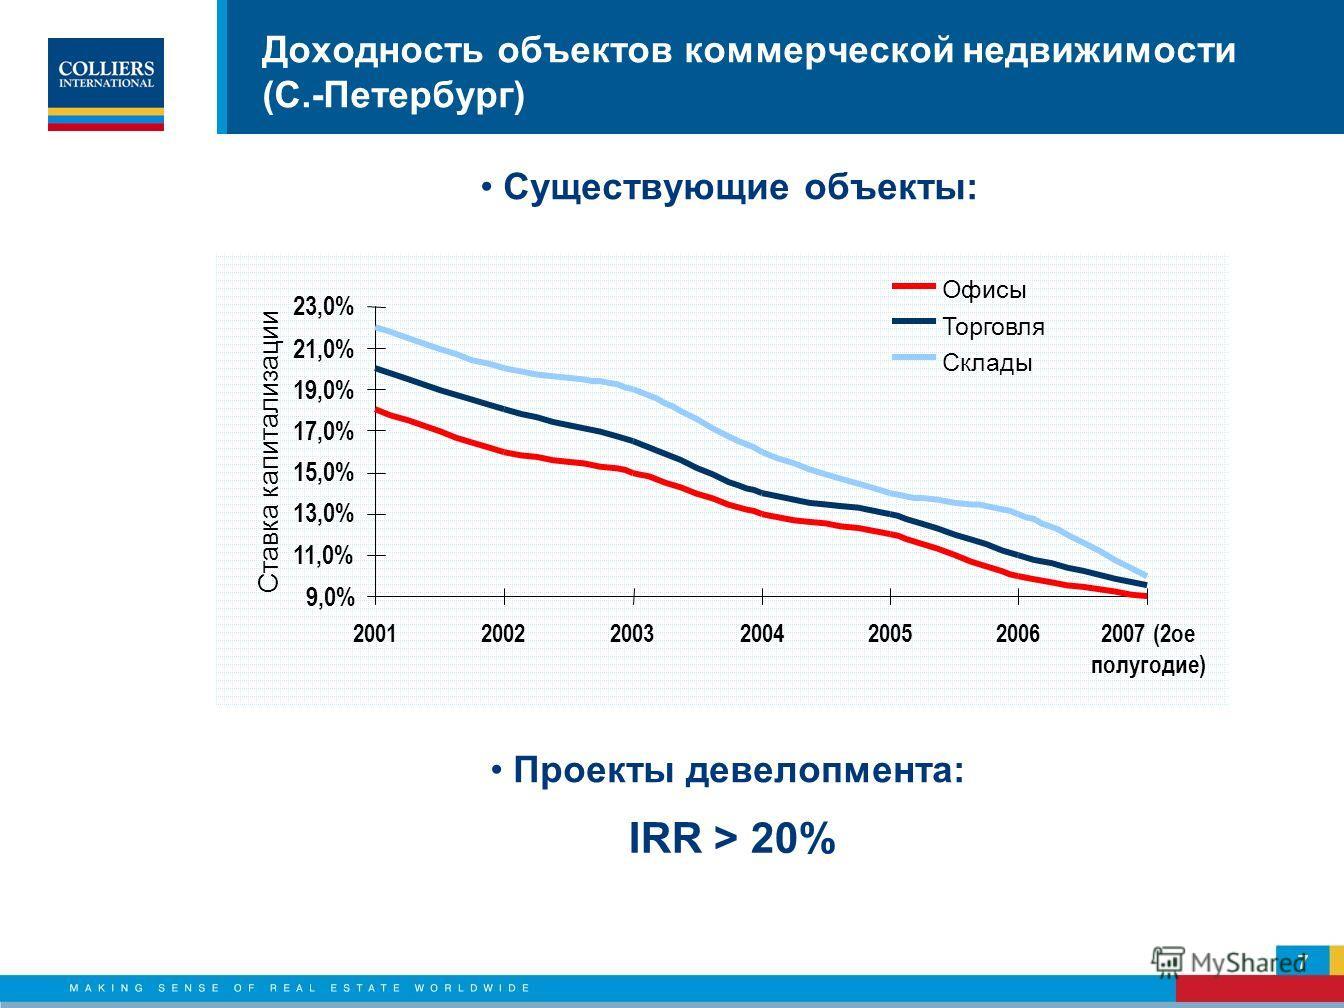 Доходность объектов коммерческой недвижимости (С.-Петербург) Существующие объекты: IRR > 20% 7 Проекты девелопмента: 9,0% 11,0% 13,0% 15,0% 17,0% 19,0% 21,0% 23,0% 2001200220032004200520062007 (2ое полугодие) Ставка капитализации Офисы Торговля Склад